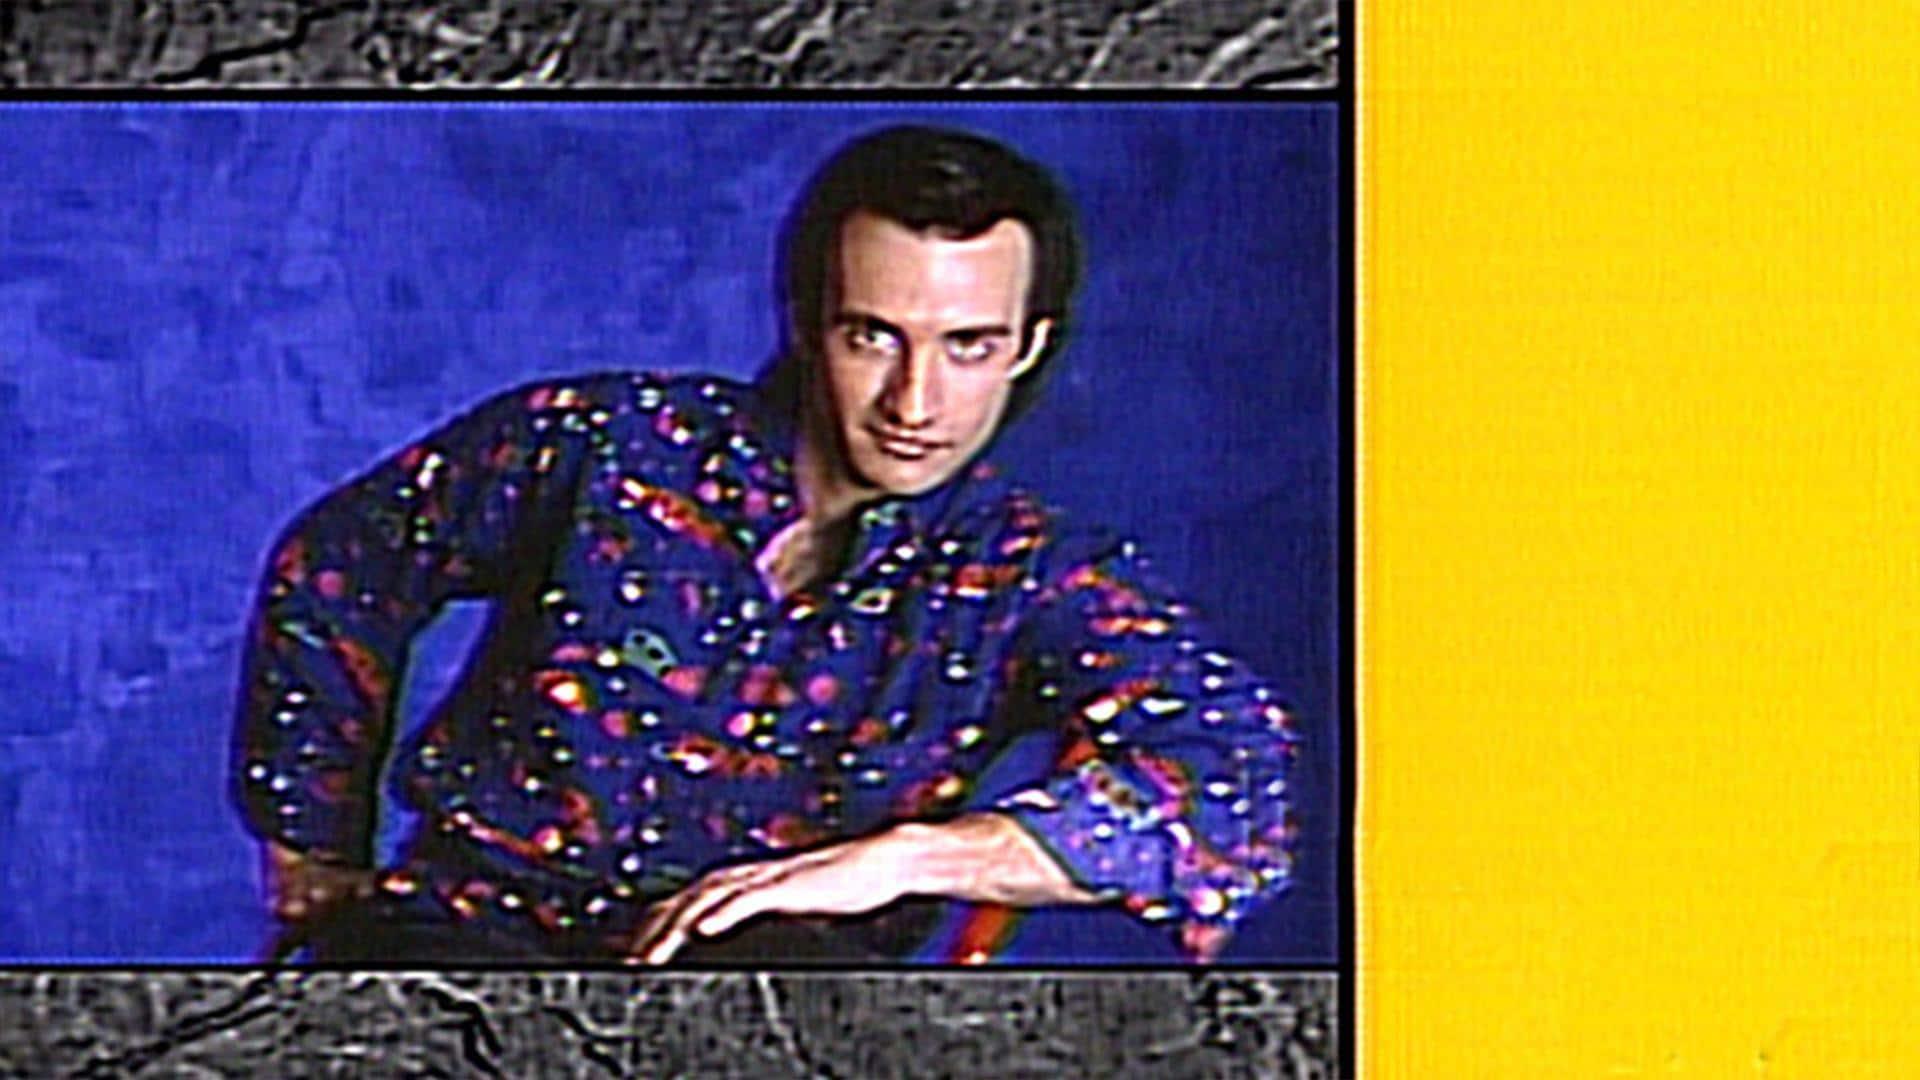 Bronson Pinchot: February 14, 1987